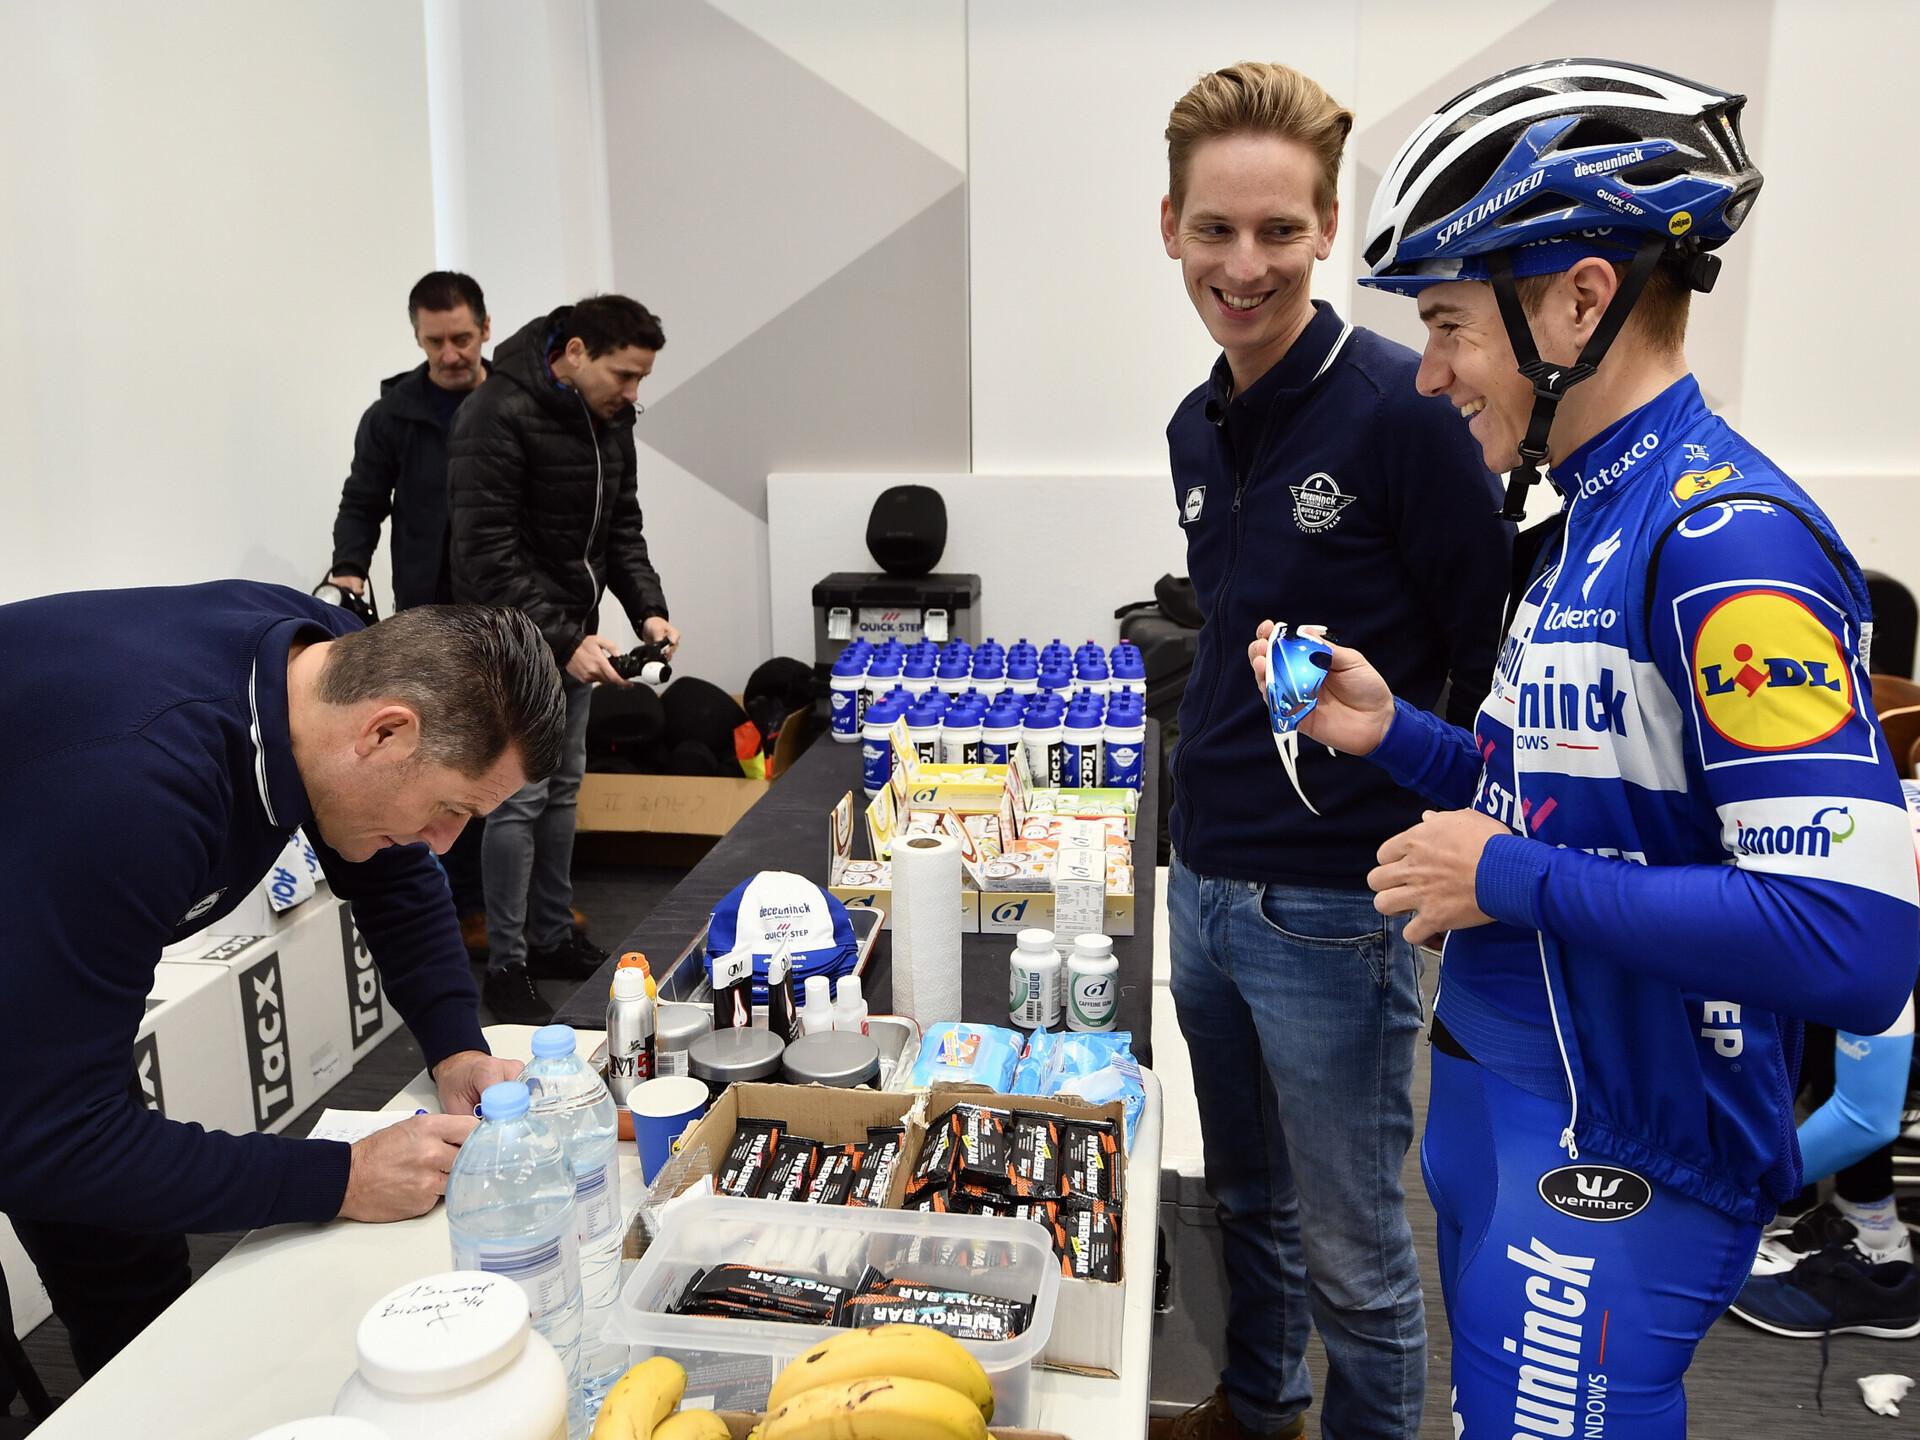 e5abddfcd82 Noor Belgia tulevikutäht: minu unistus on võita suurtuur | Jalgrattasport |  ERR